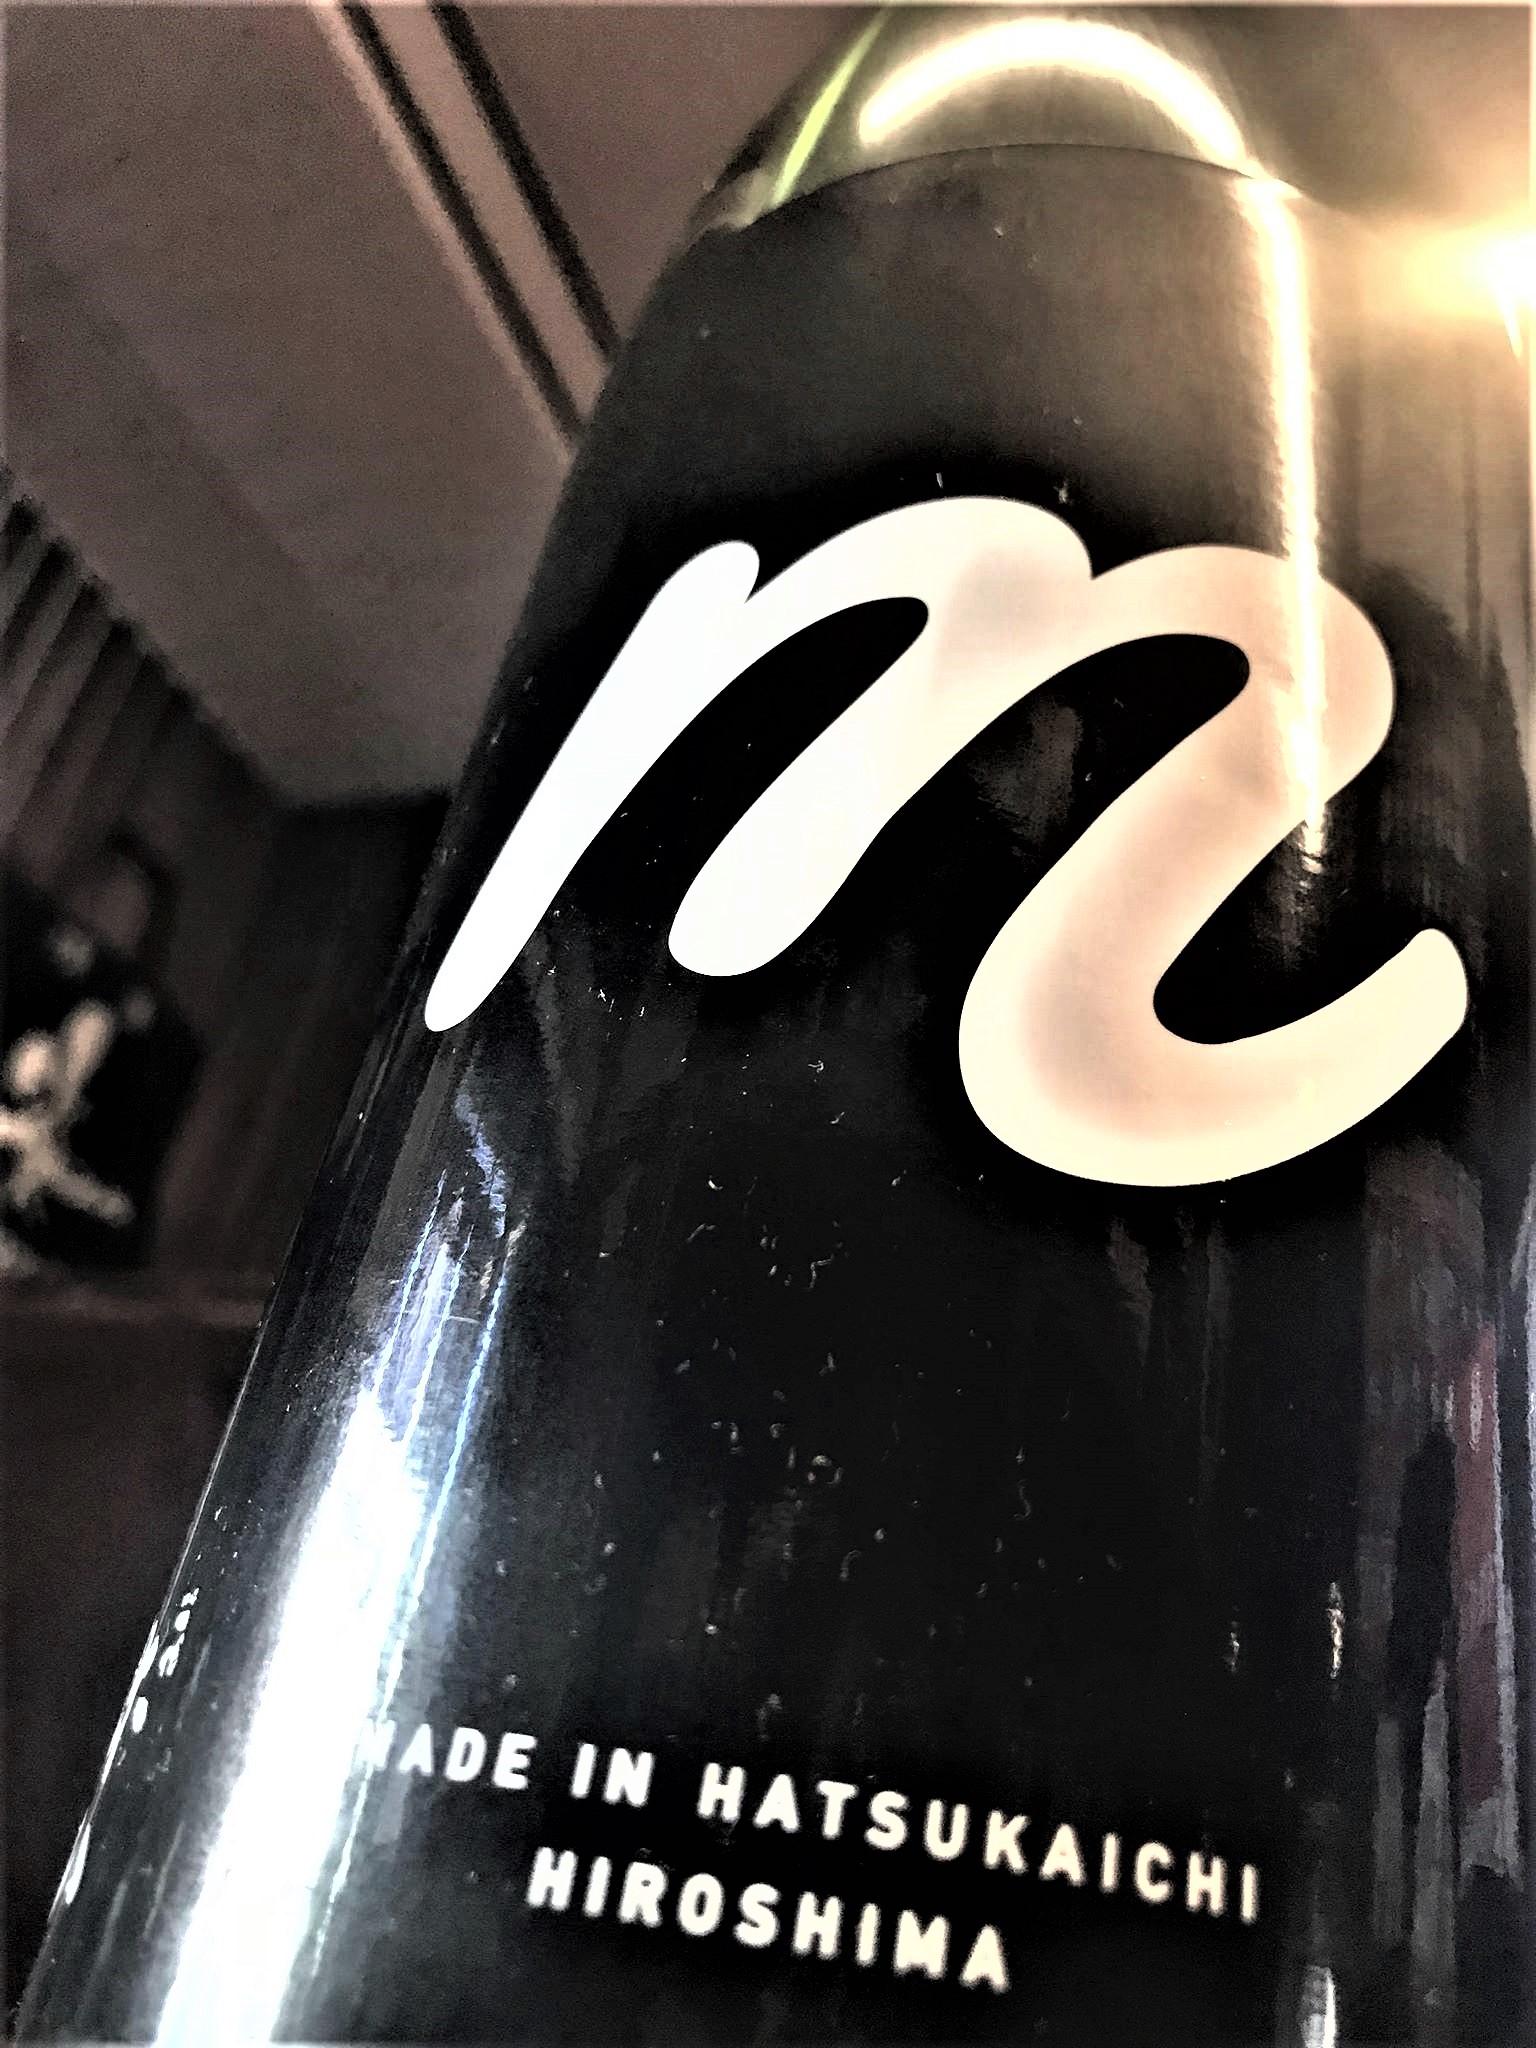 【日本酒】一代弥山 Initial🎯M 槽搾り 純米吟醸 無濾過生原酒 千本錦仕込み 限定 30BY🆕_e0173738_12223696.jpg